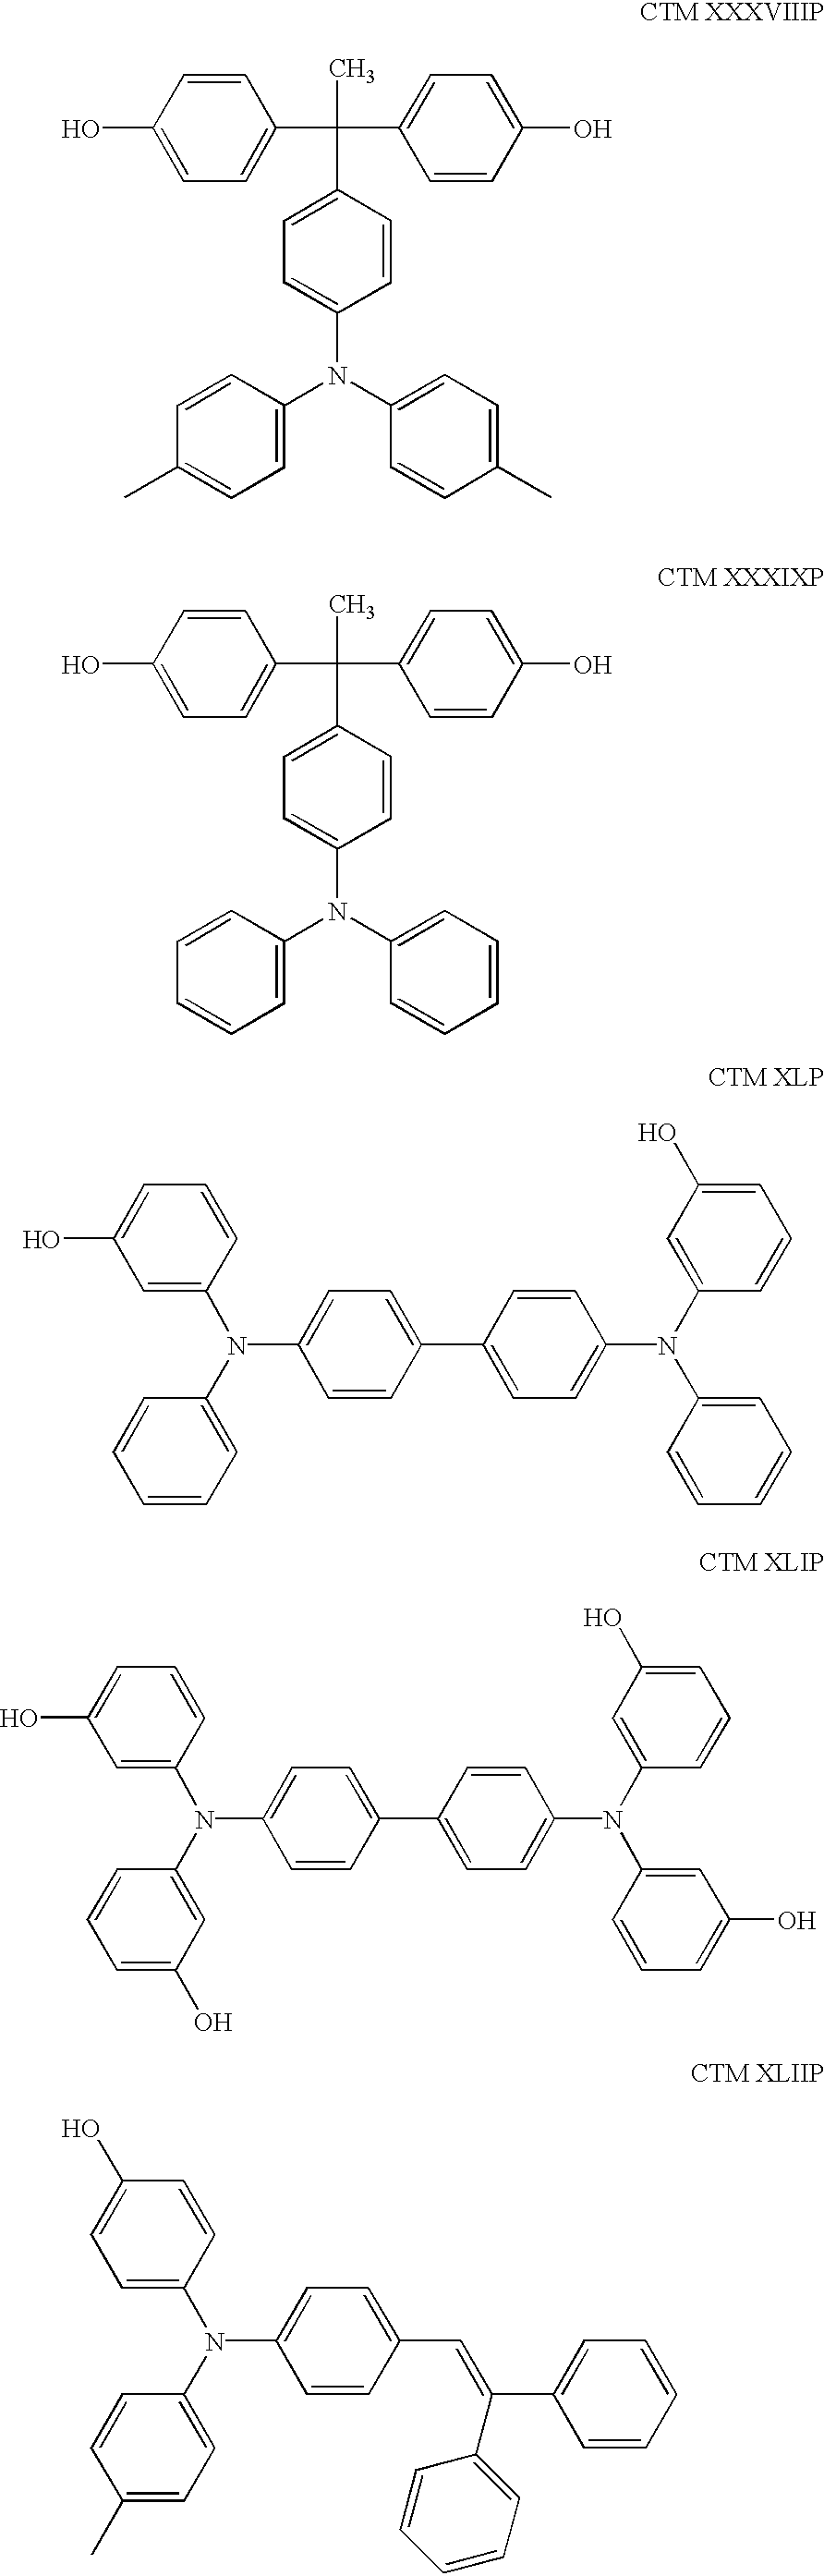 Figure US06517984-20030211-C00024